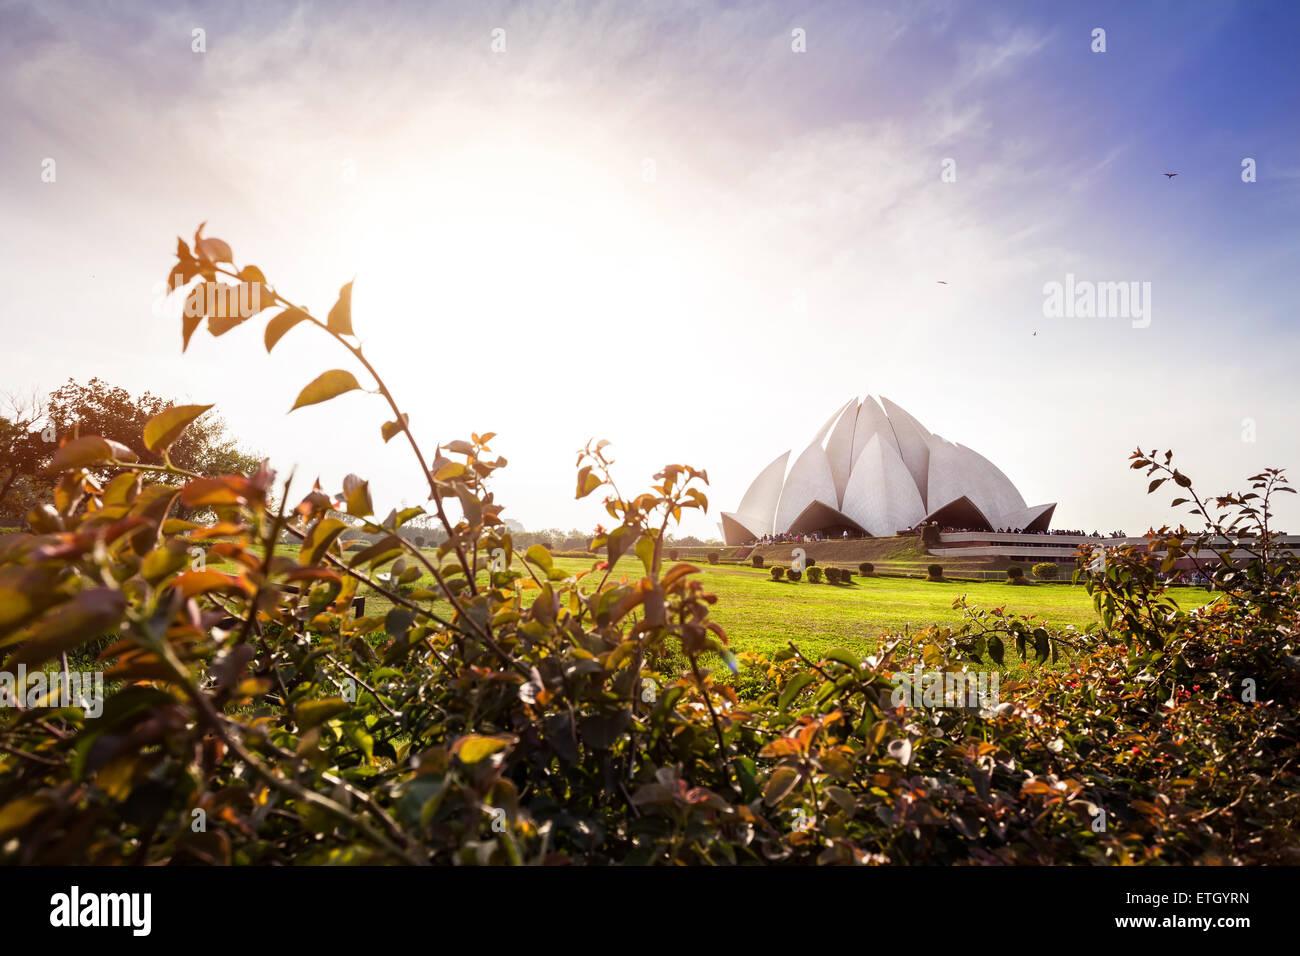 Templo del Loto al atardecer en Nueva Delhi, India Imagen De Stock